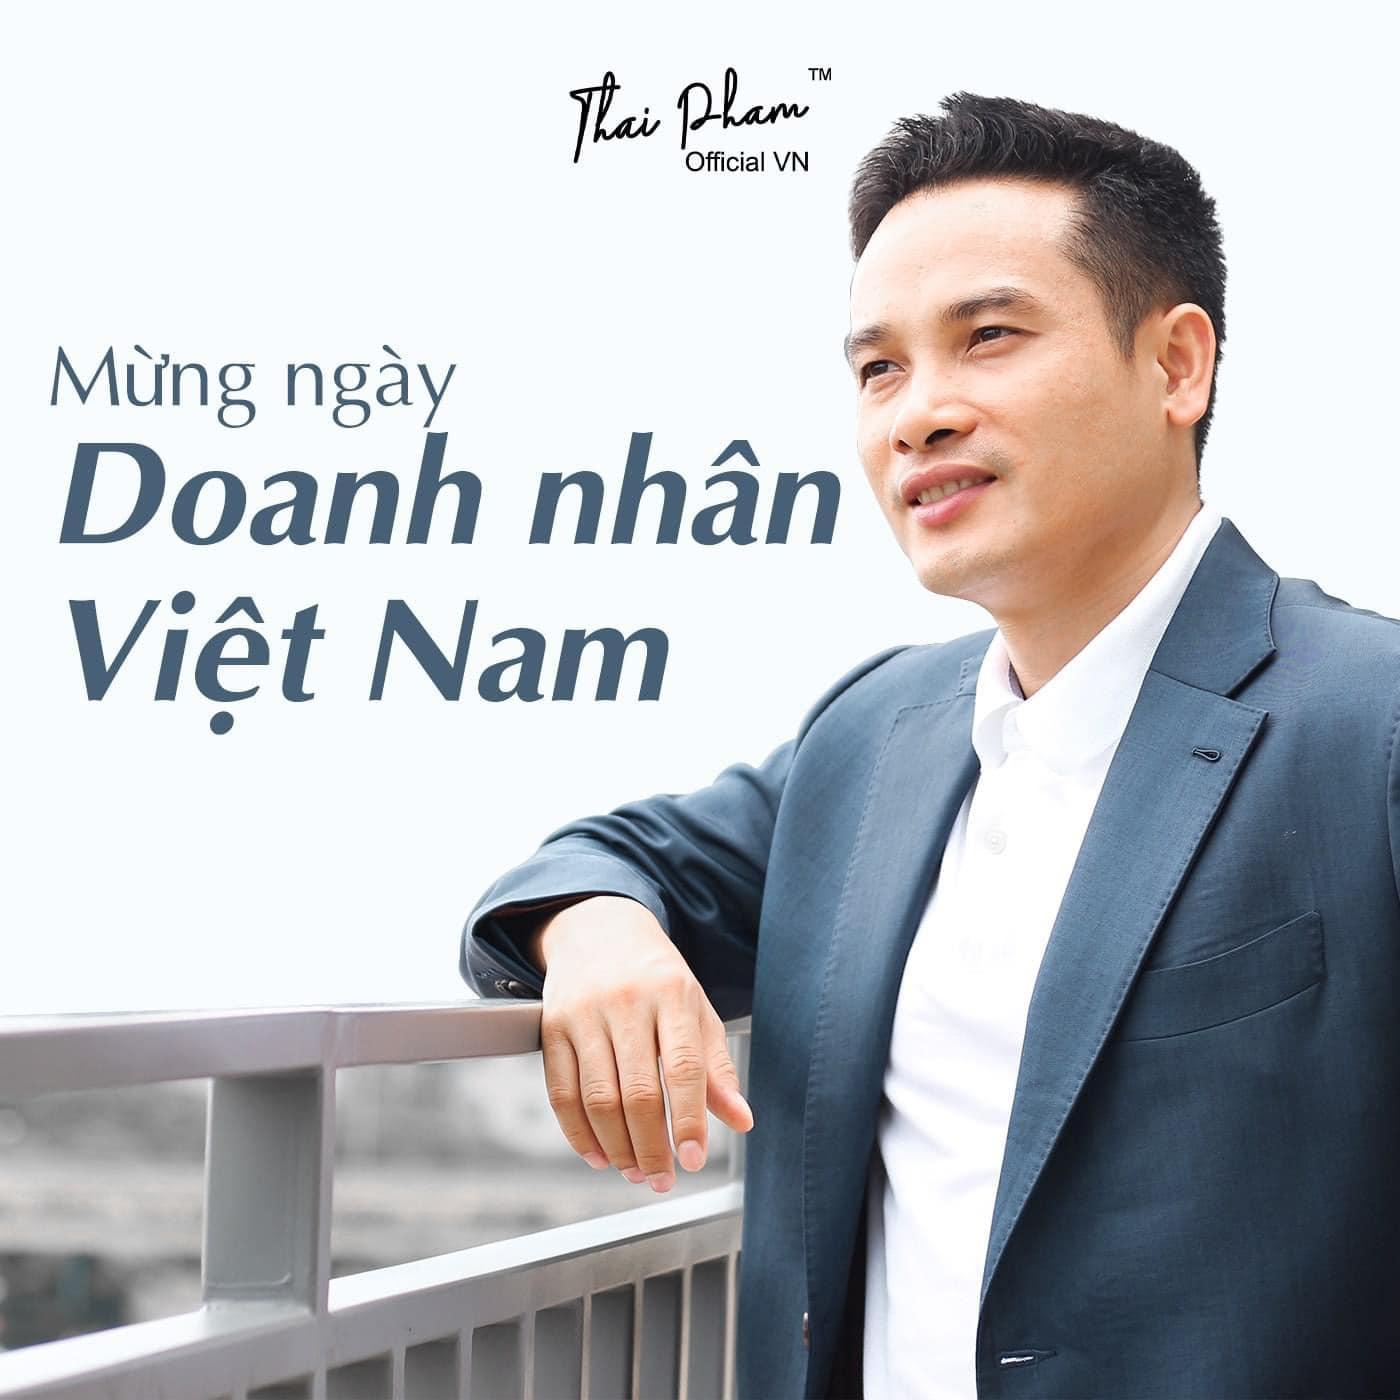 Mừng ngày doanh nhân Việt Nam